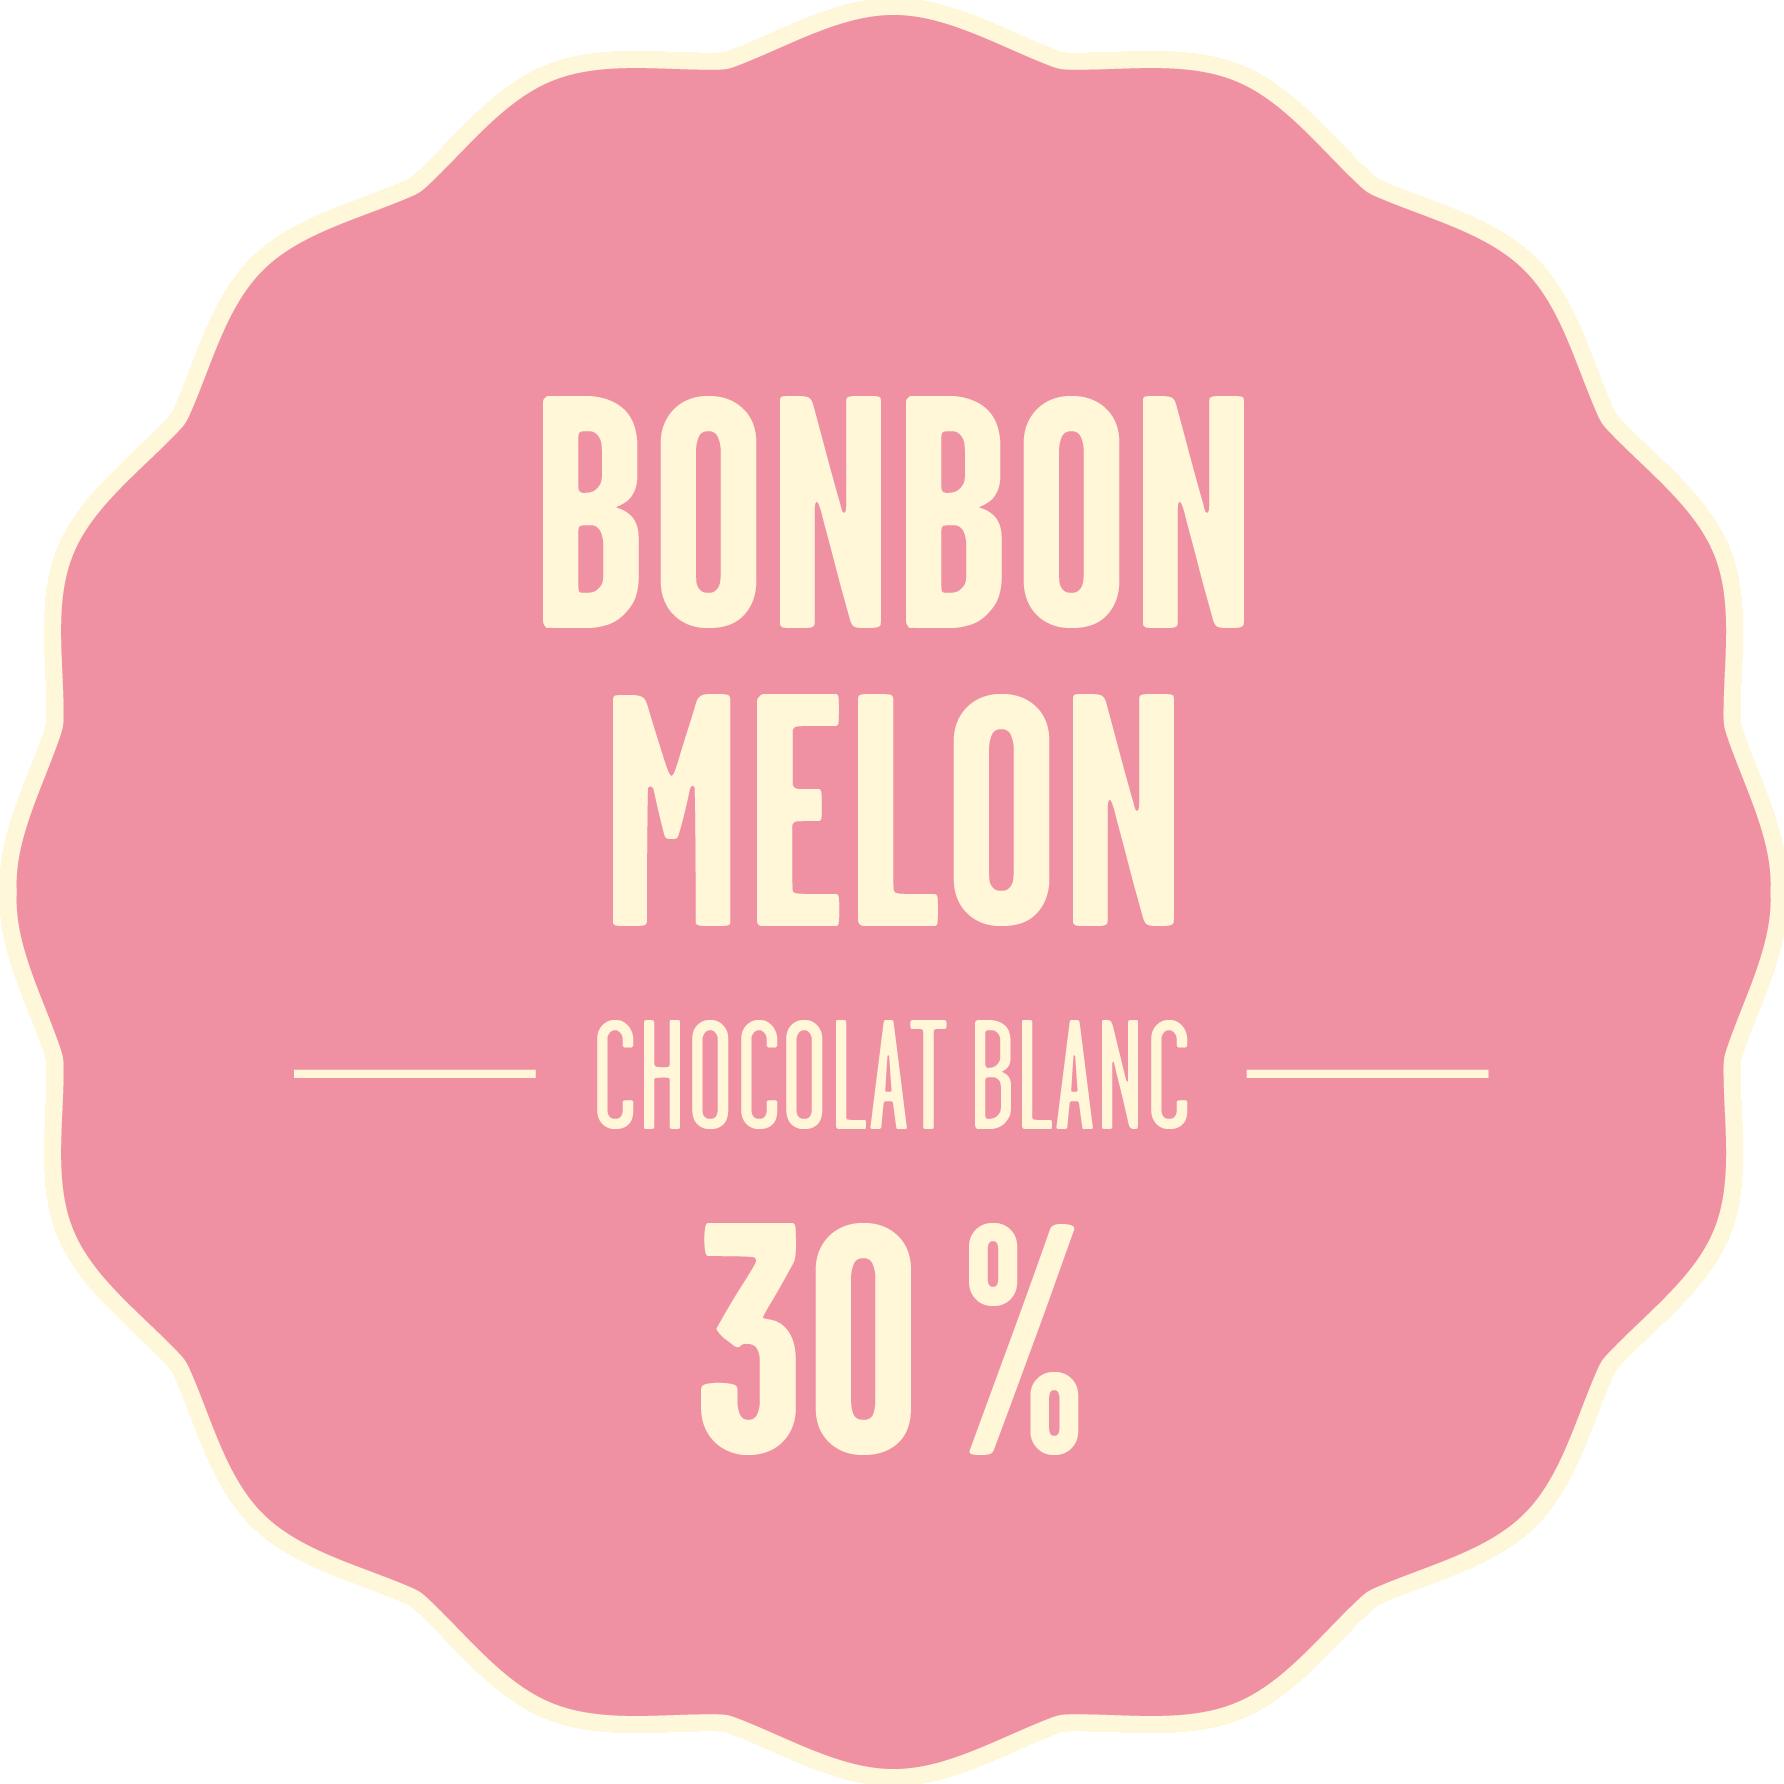 Chocolat blanc bonbon melon 428px